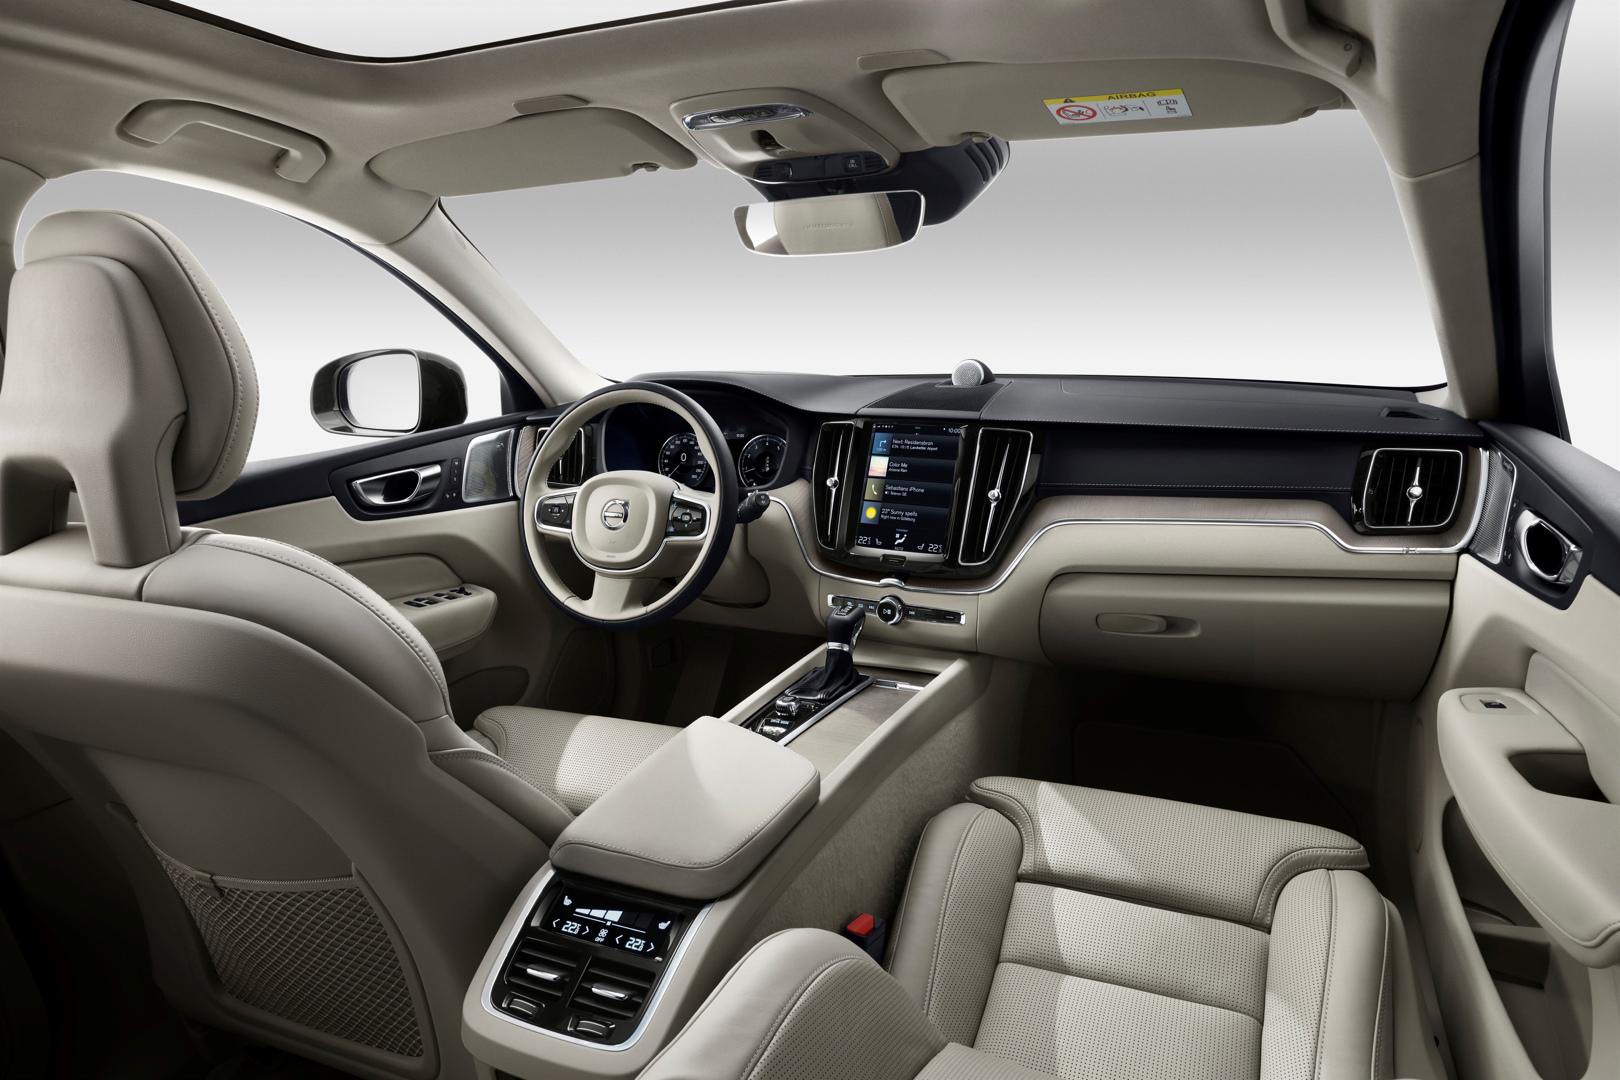 205056_The_new_Volvo_XC60